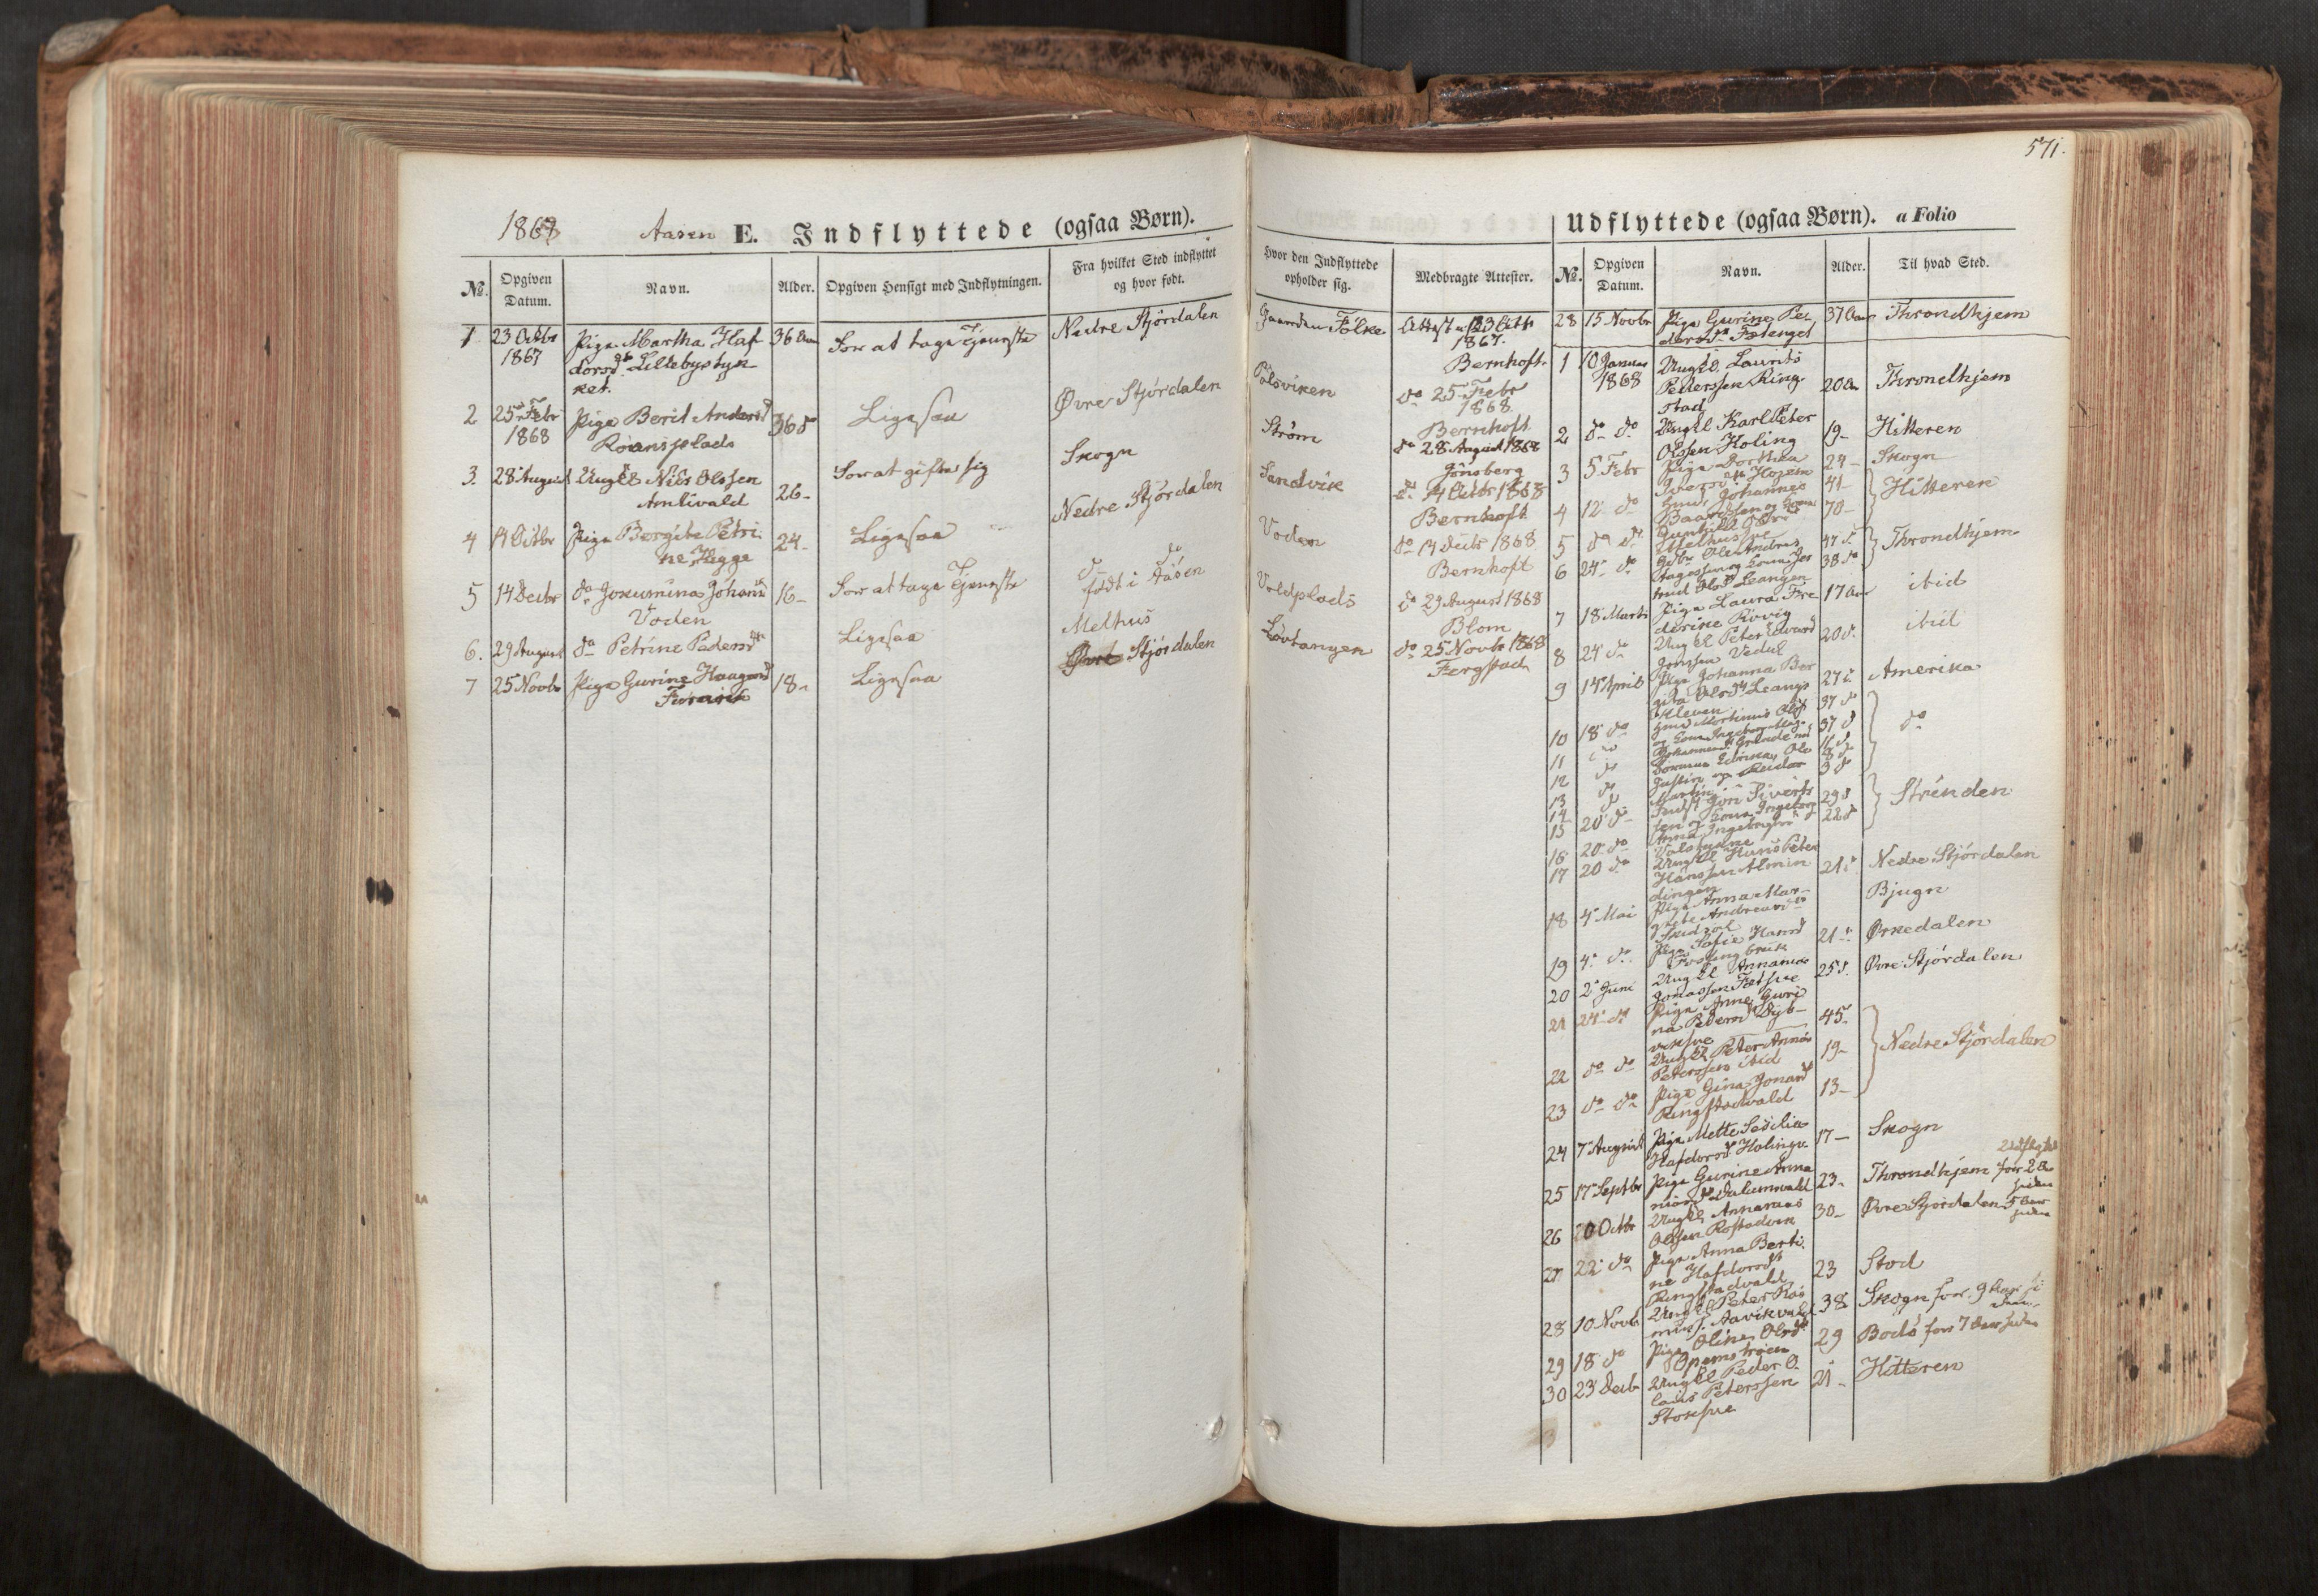 SAT, Ministerialprotokoller, klokkerbøker og fødselsregistre - Nord-Trøndelag, 713/L0116: Ministerialbok nr. 713A07, 1850-1877, s. 571